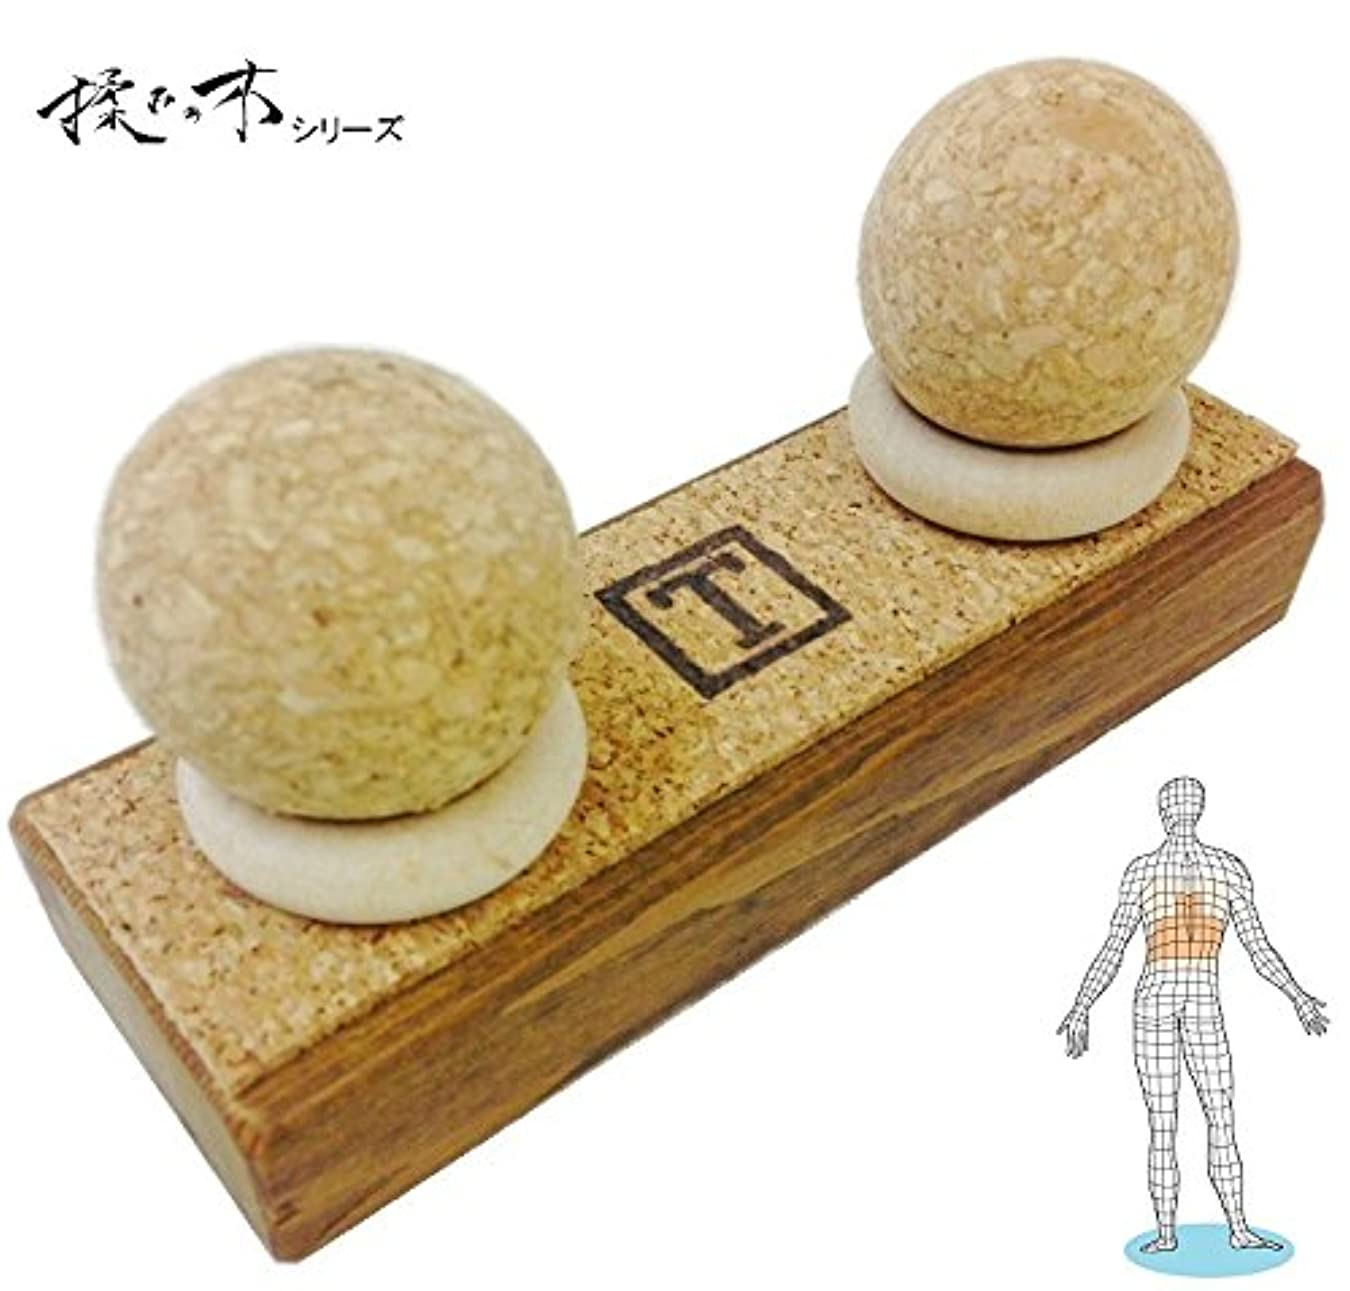 シャンプー日記結婚式腰プロストレッチ Standard Type 背中下部から腰のセルフマッサージを強力にサポート